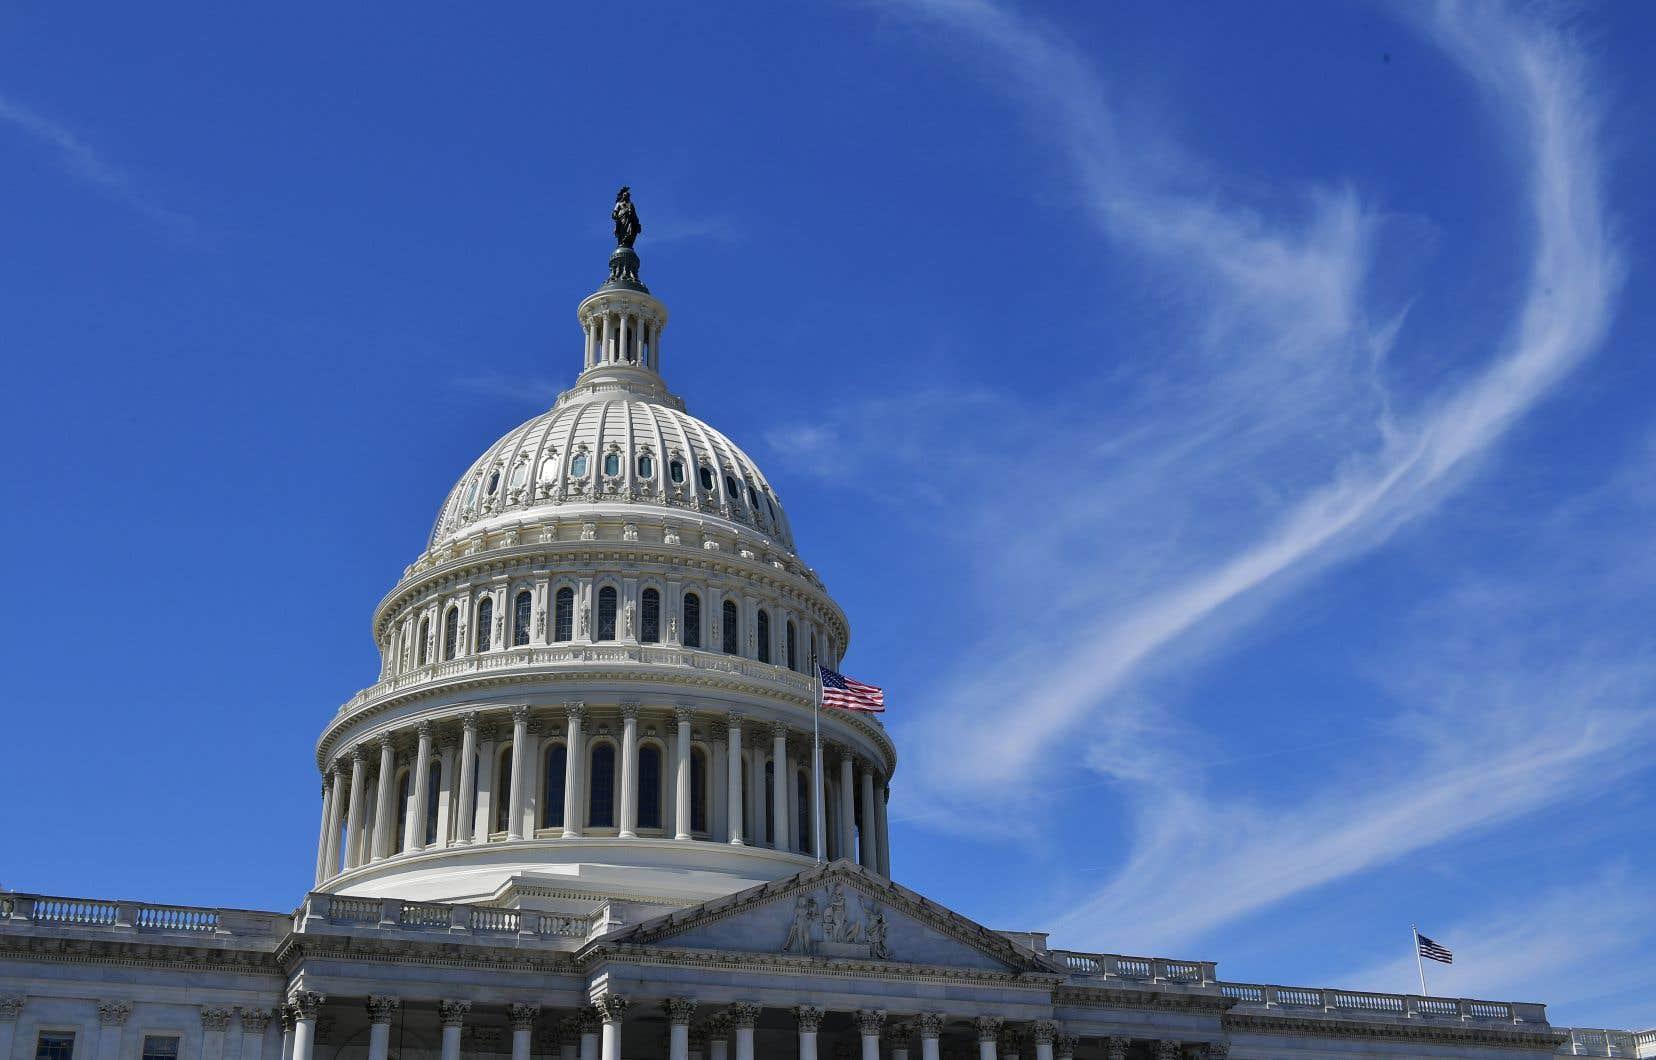 Le projet de loi a été approuvé par 67 voix contre 28 par la chambre haute, où les républicains sont majoritaires, une semaine après son adoption par la Chambre des représentants, à majorité démocrate.